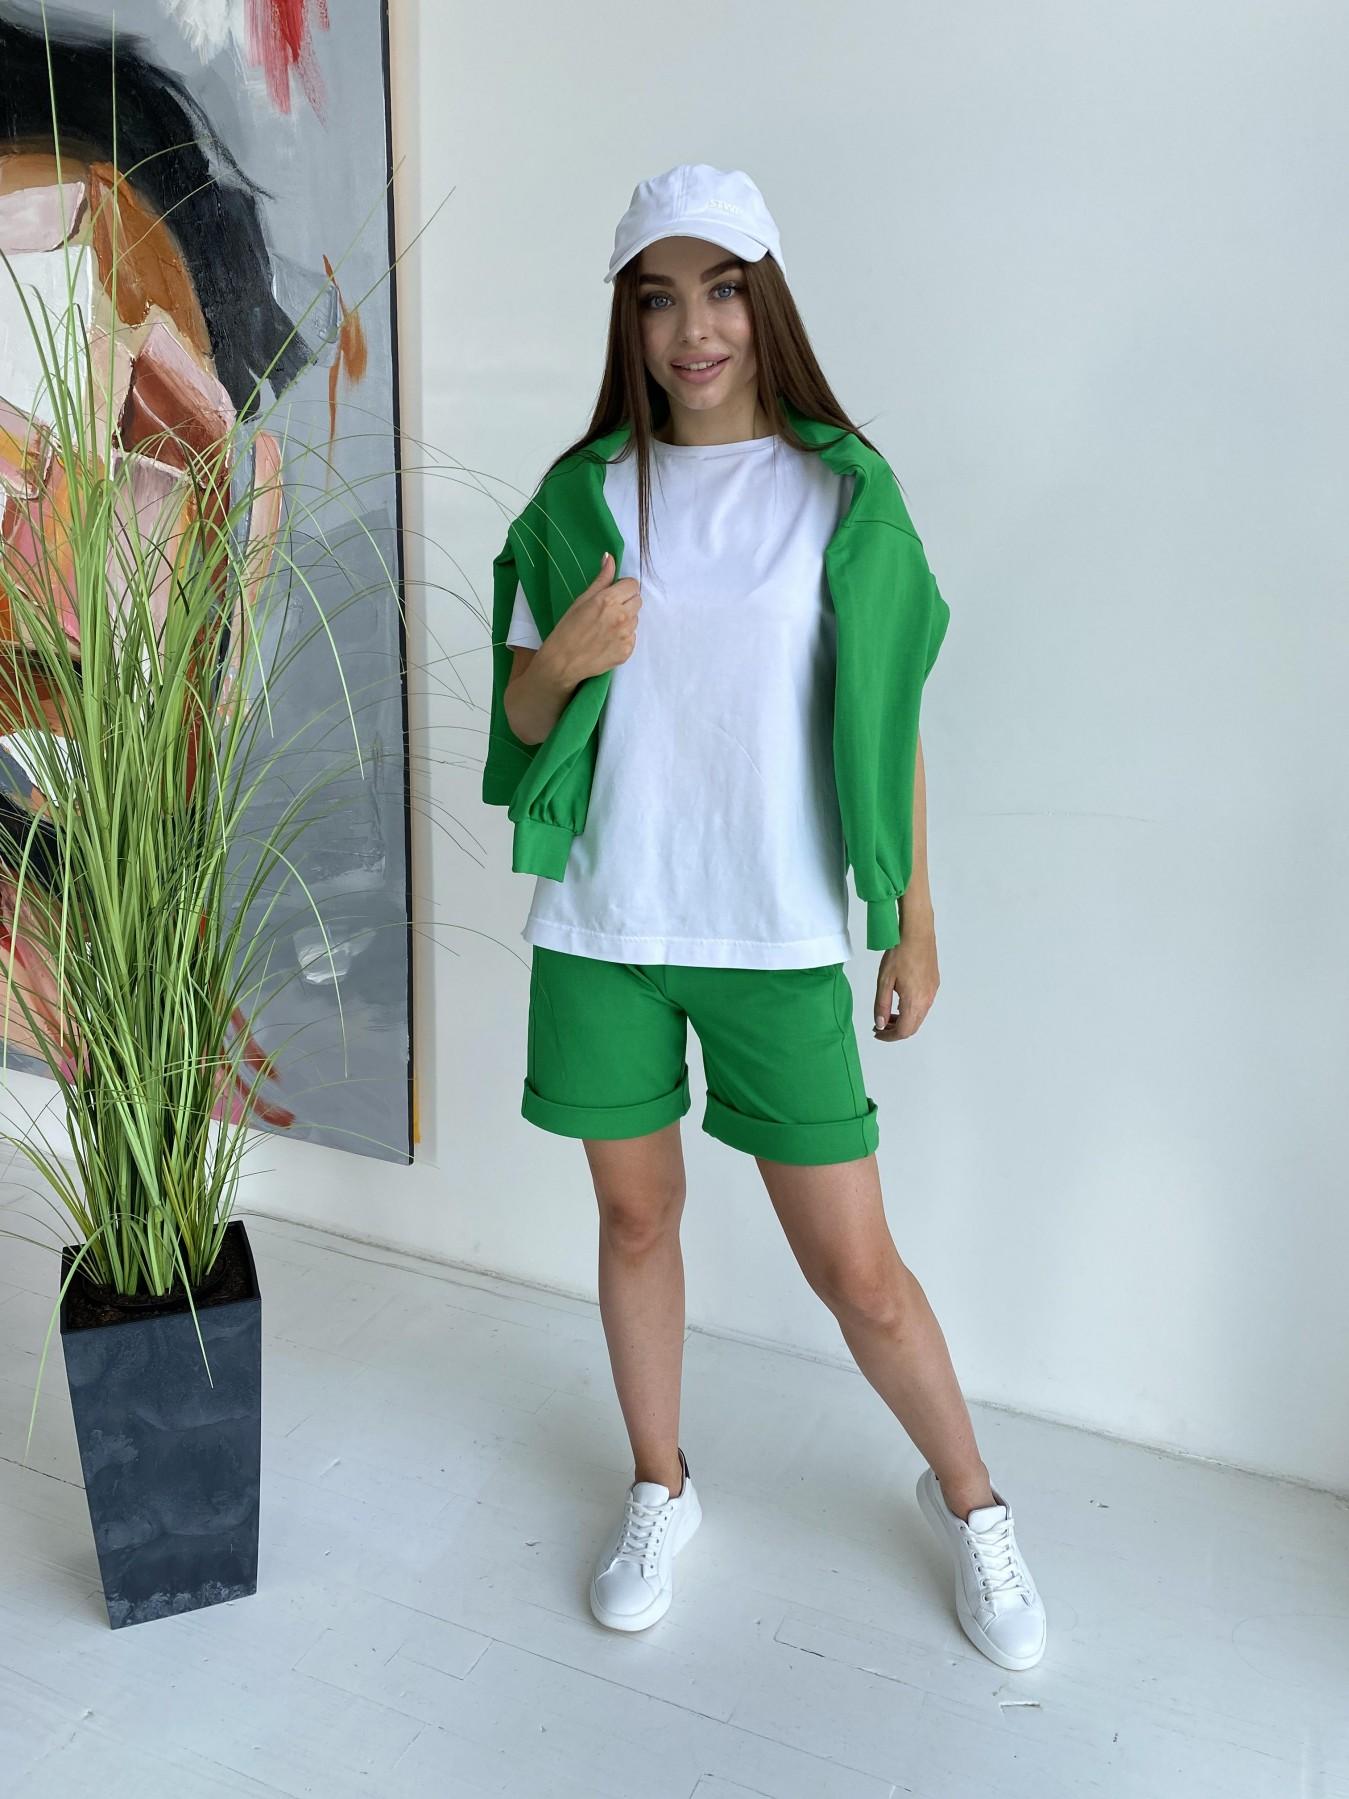 Фарт 4 костюм трикотажный 2х нитка из вискозы 11363 АРТ. 48020 Цвет: ЗеленыйТравка/Белый - фото 5, интернет магазин tm-modus.ru